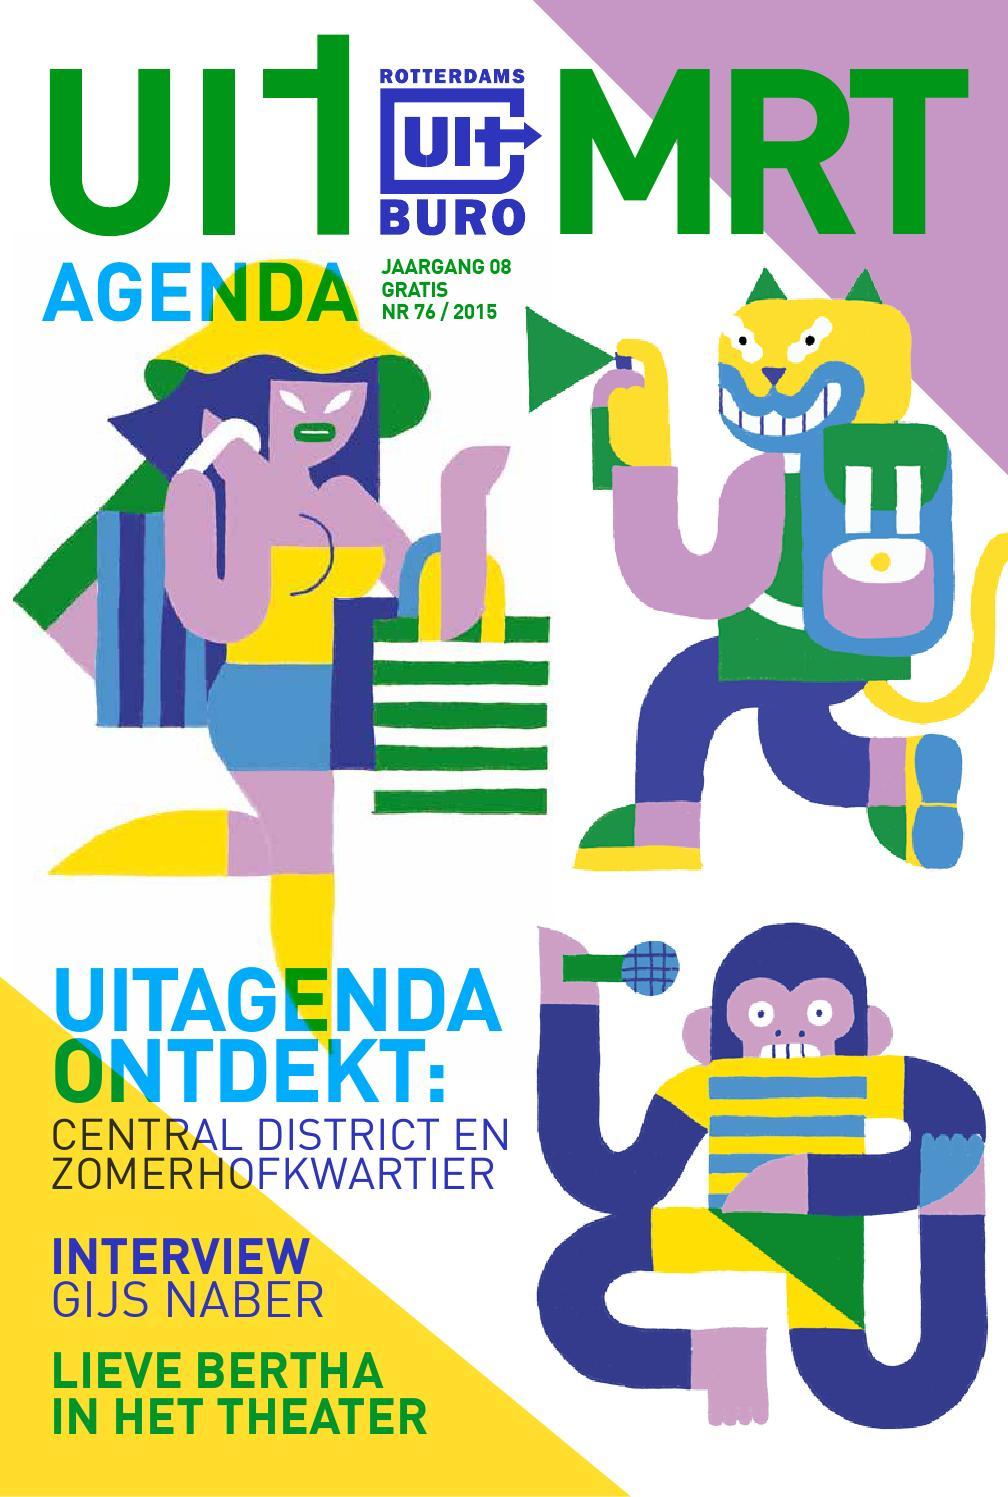 Uitagenda maart 2015 by rotterdam festivals issuu for Uit agenda rotterdam